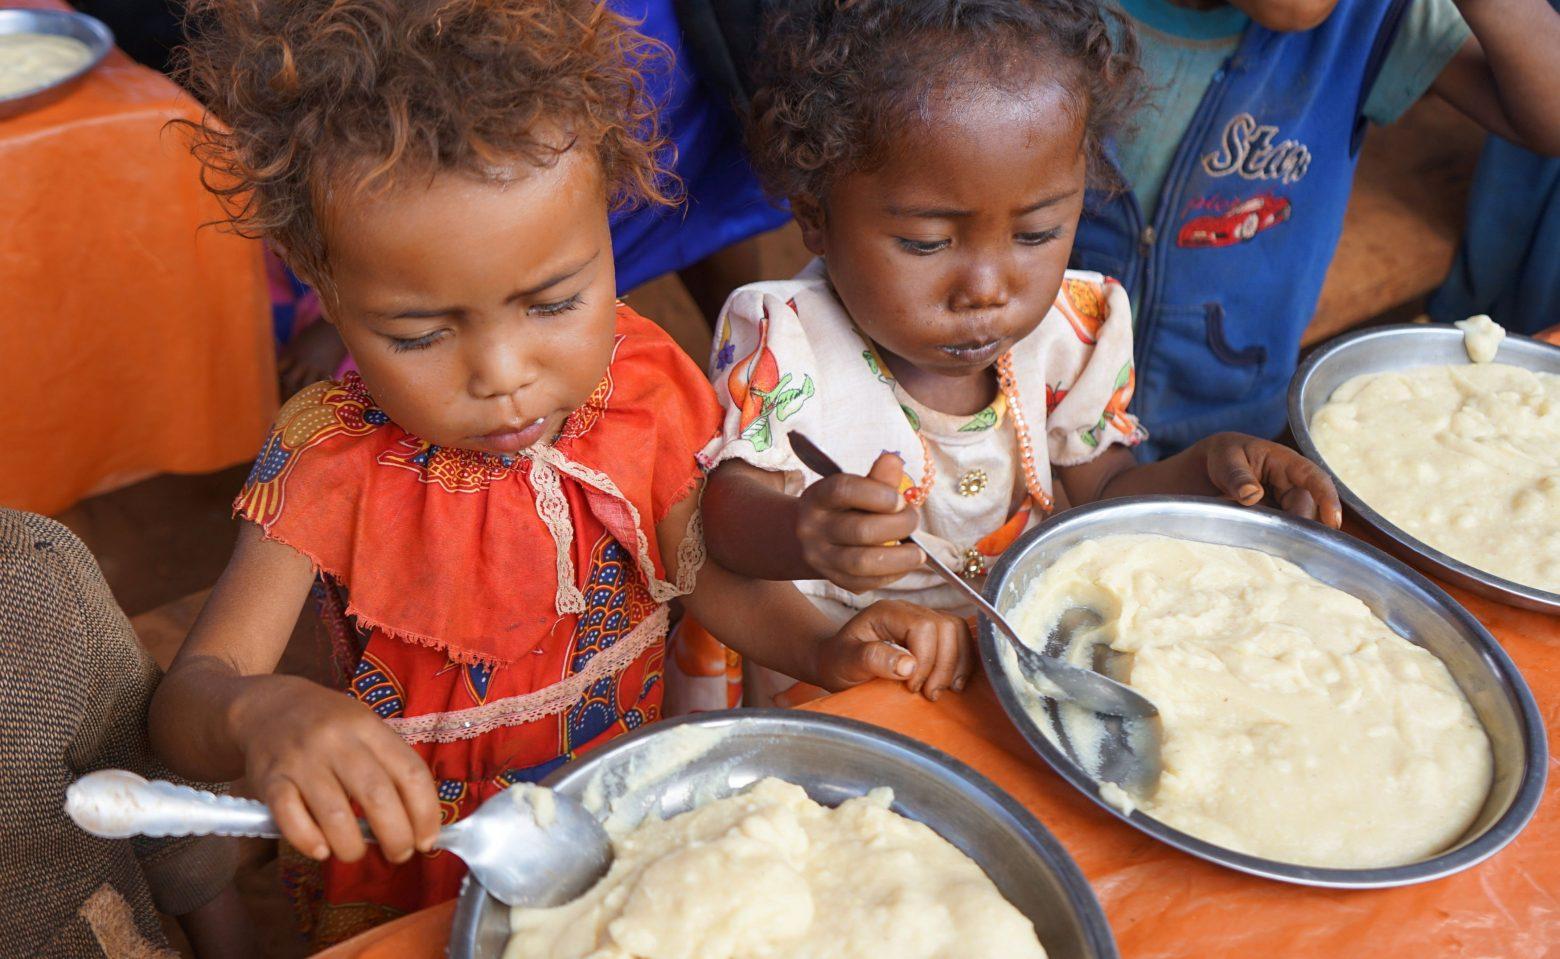 Κλιματική αλλαγή – Η Μαδαγασκάρη προσεύχεται για βροχή εν μέσω λιμού